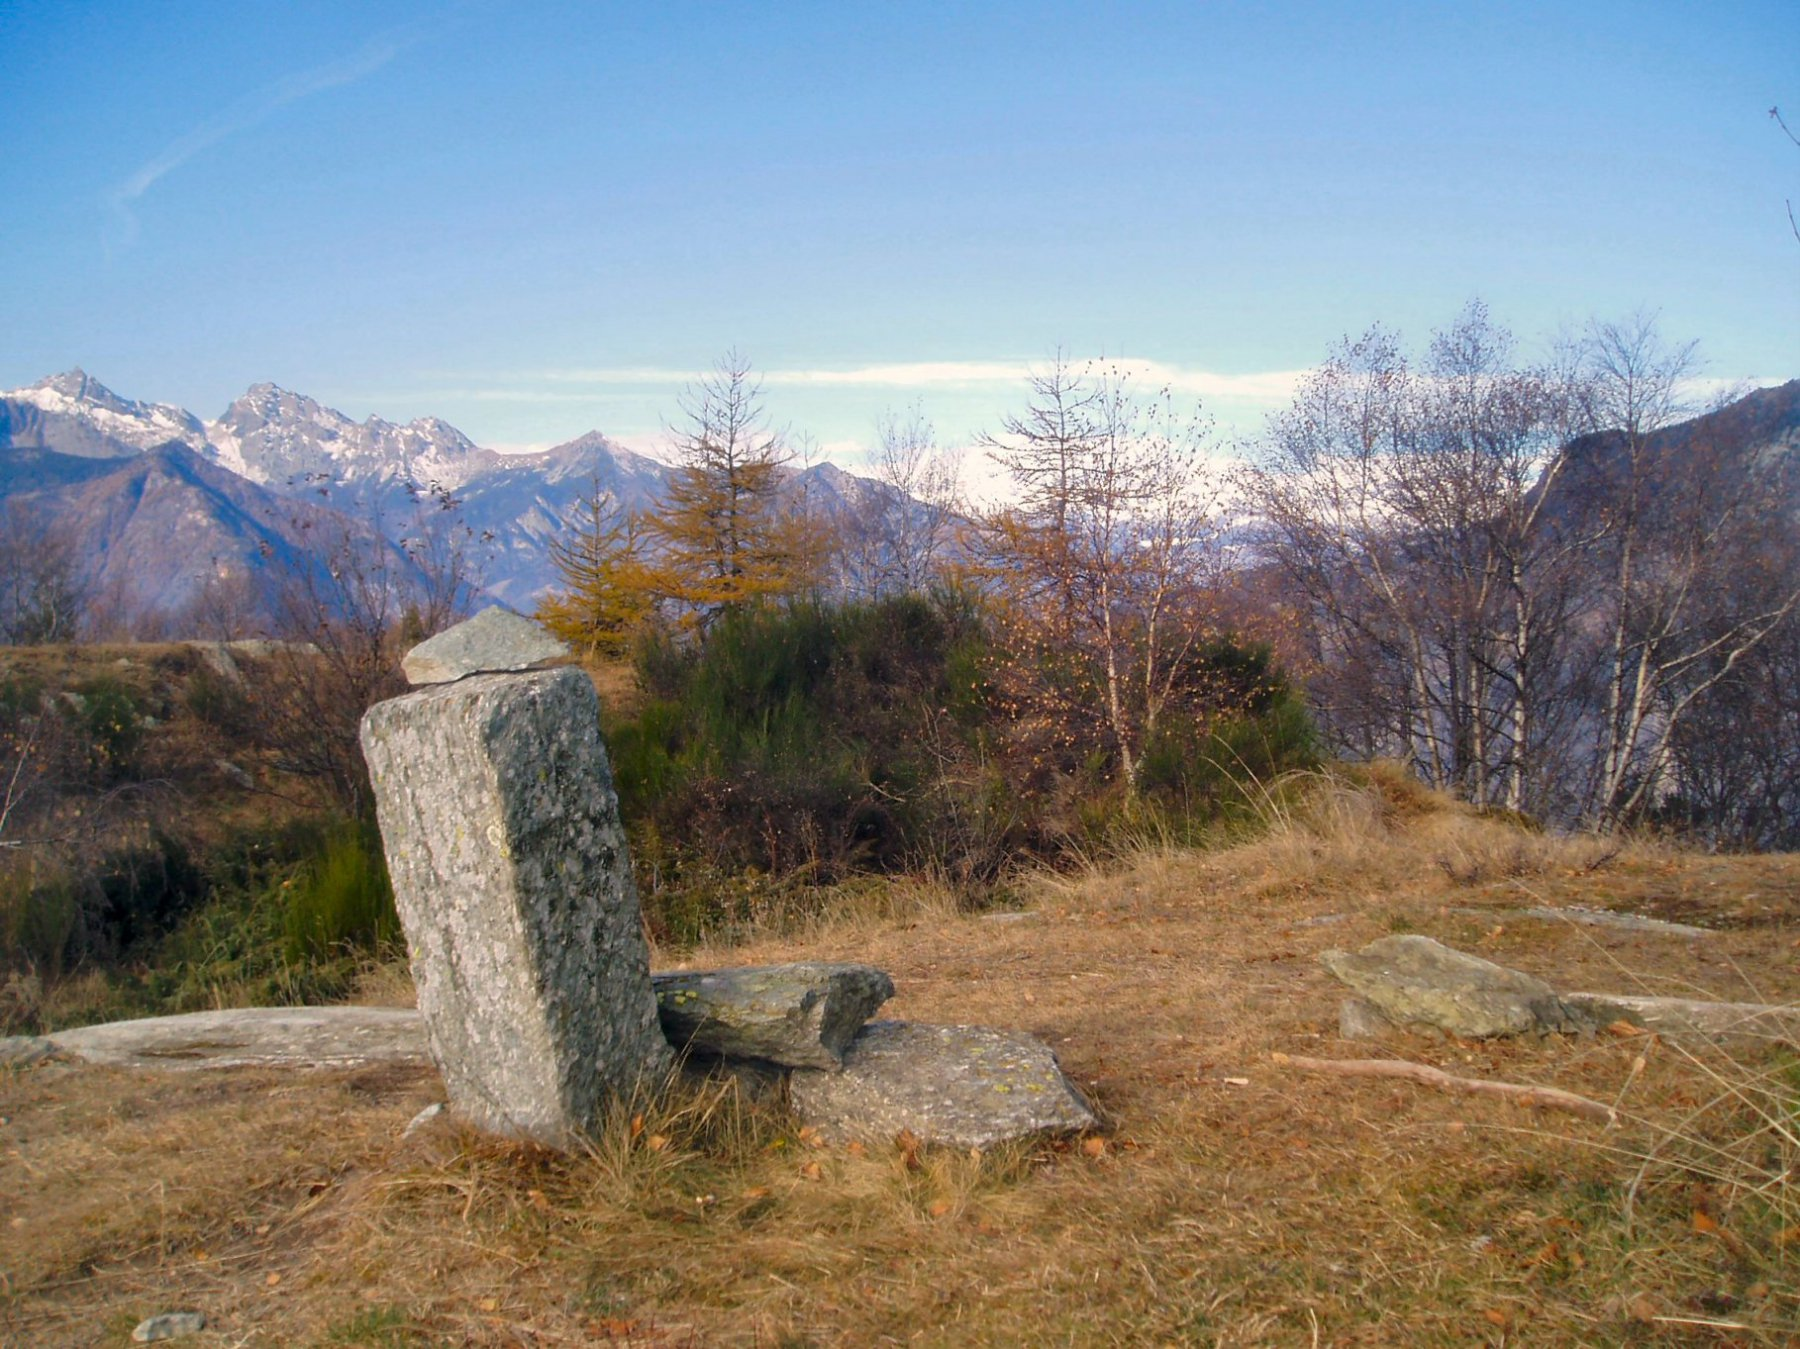 Dalla punta panoramica su M: Avic, Colle Varotta, M. Ruvi e Barbeston.